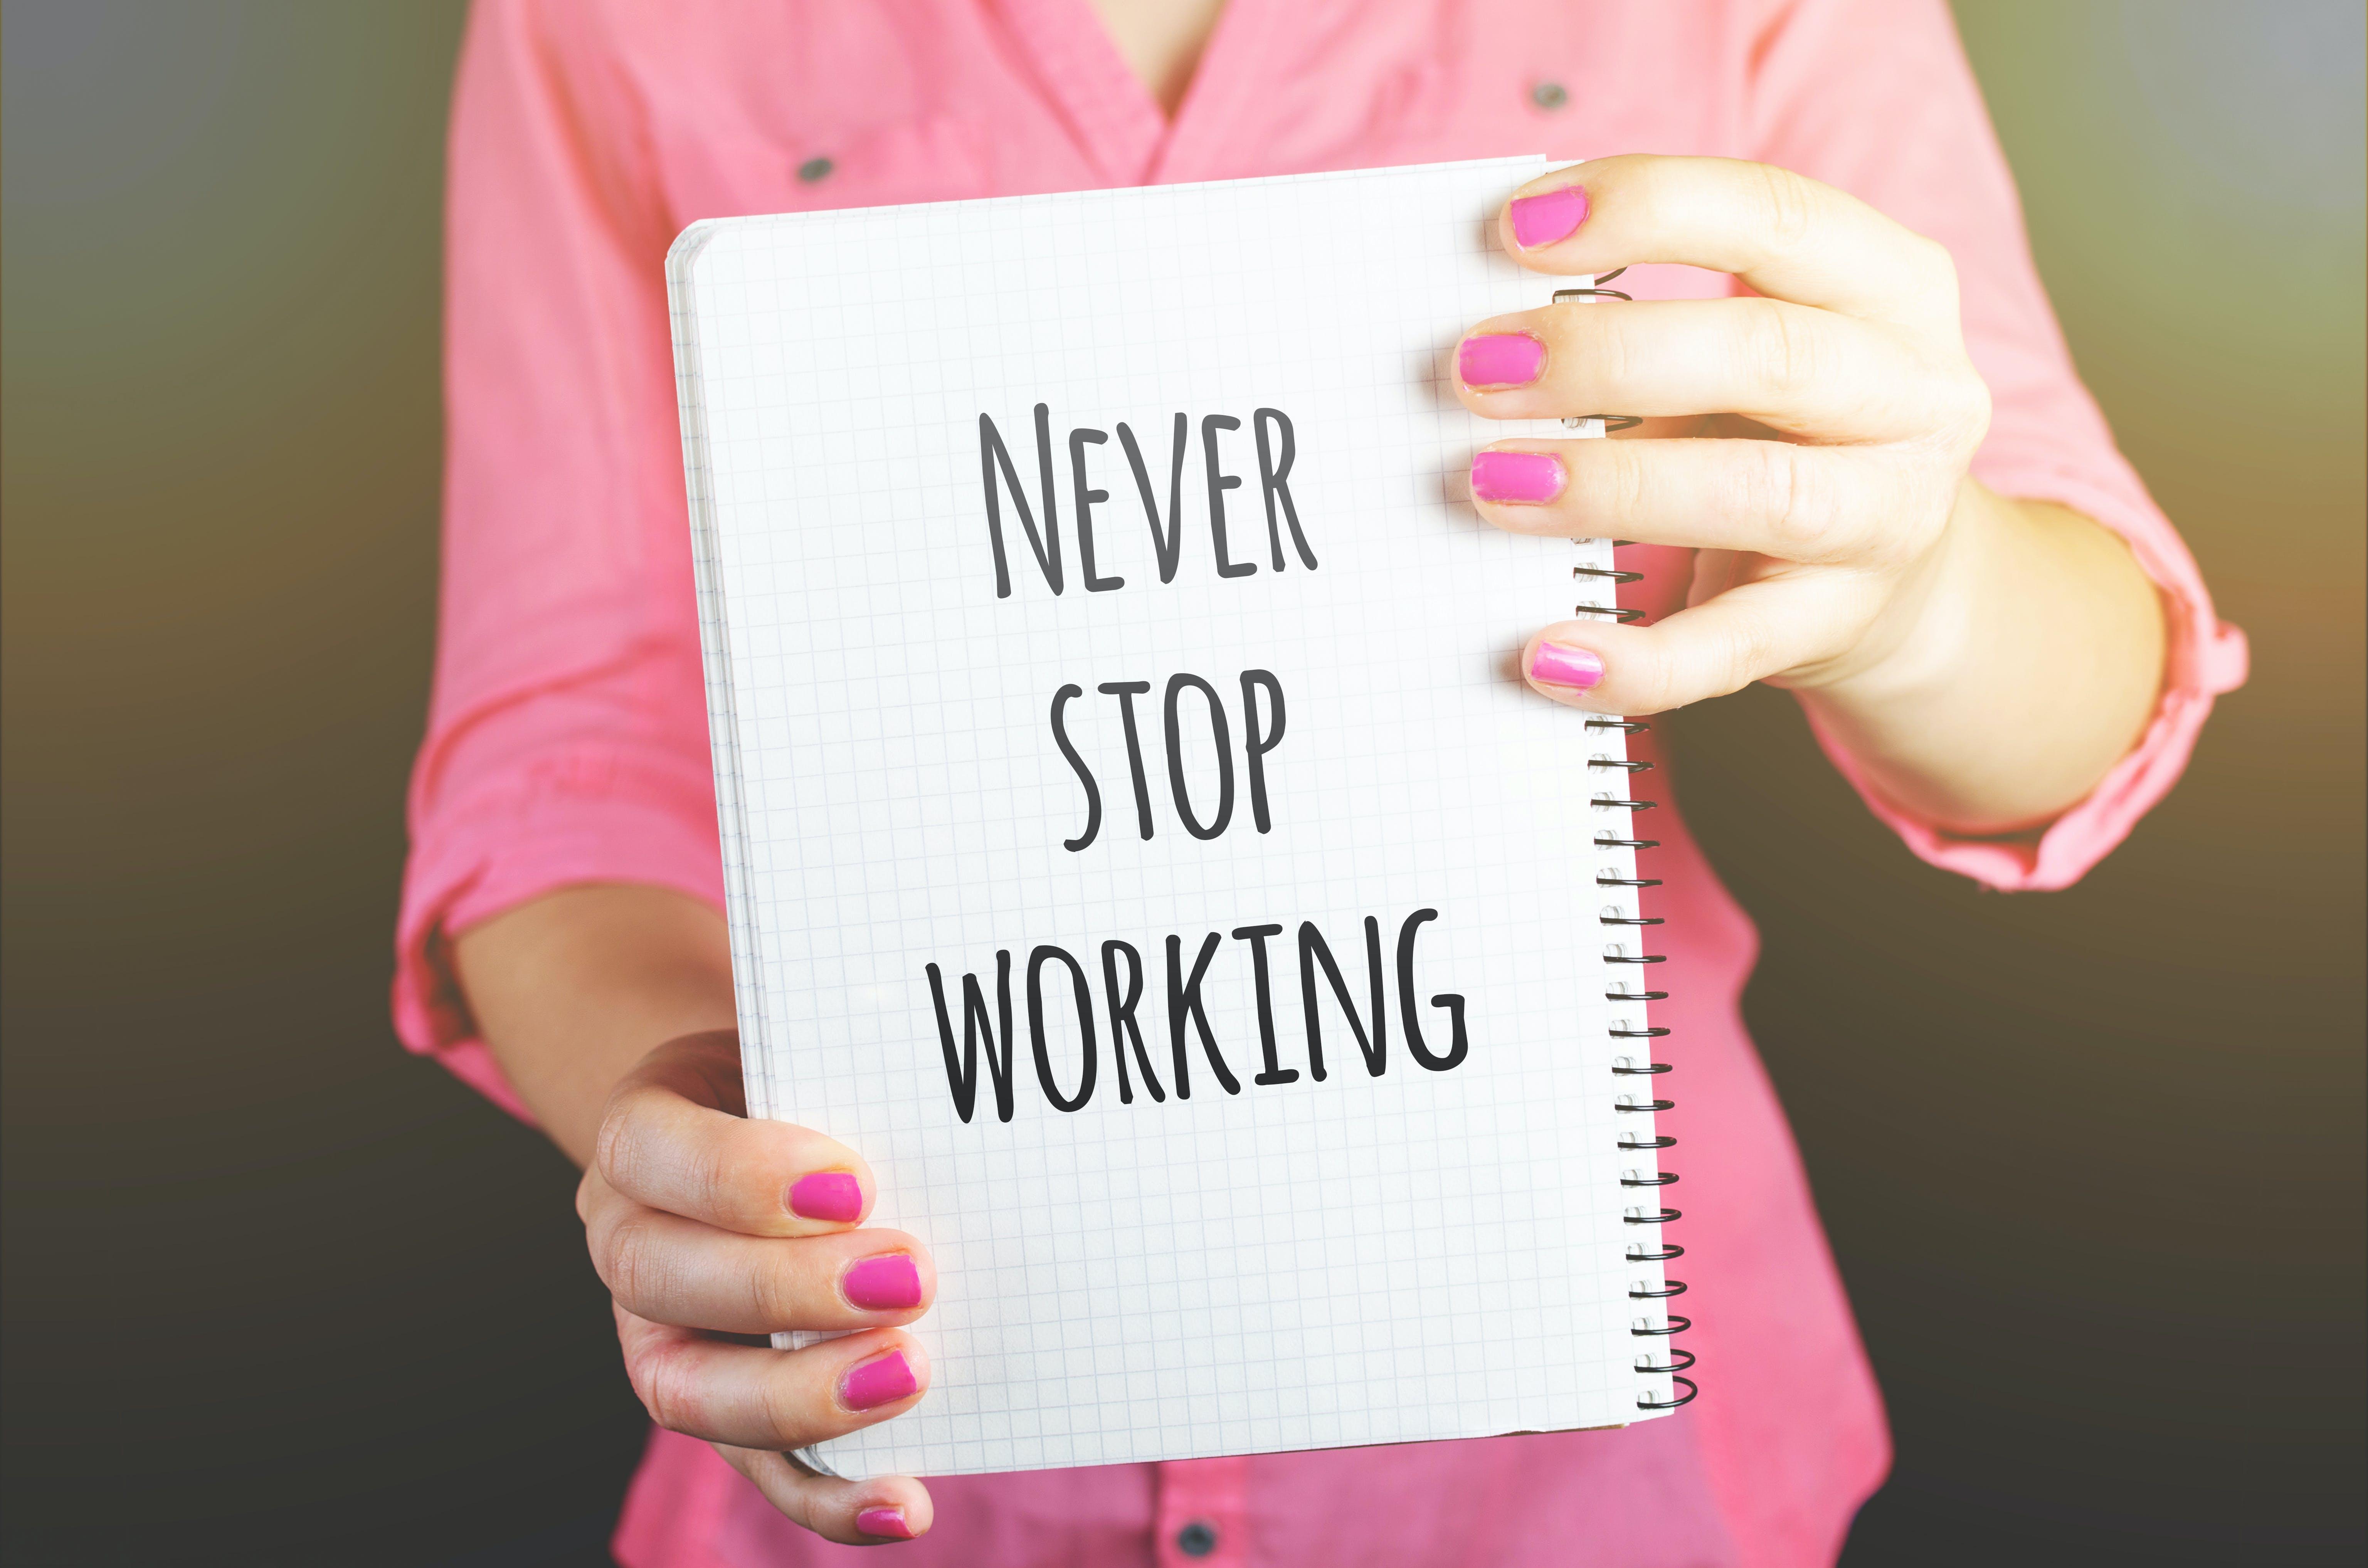 Mulher segurando nunca parar de trabalhar o caderno de impressão